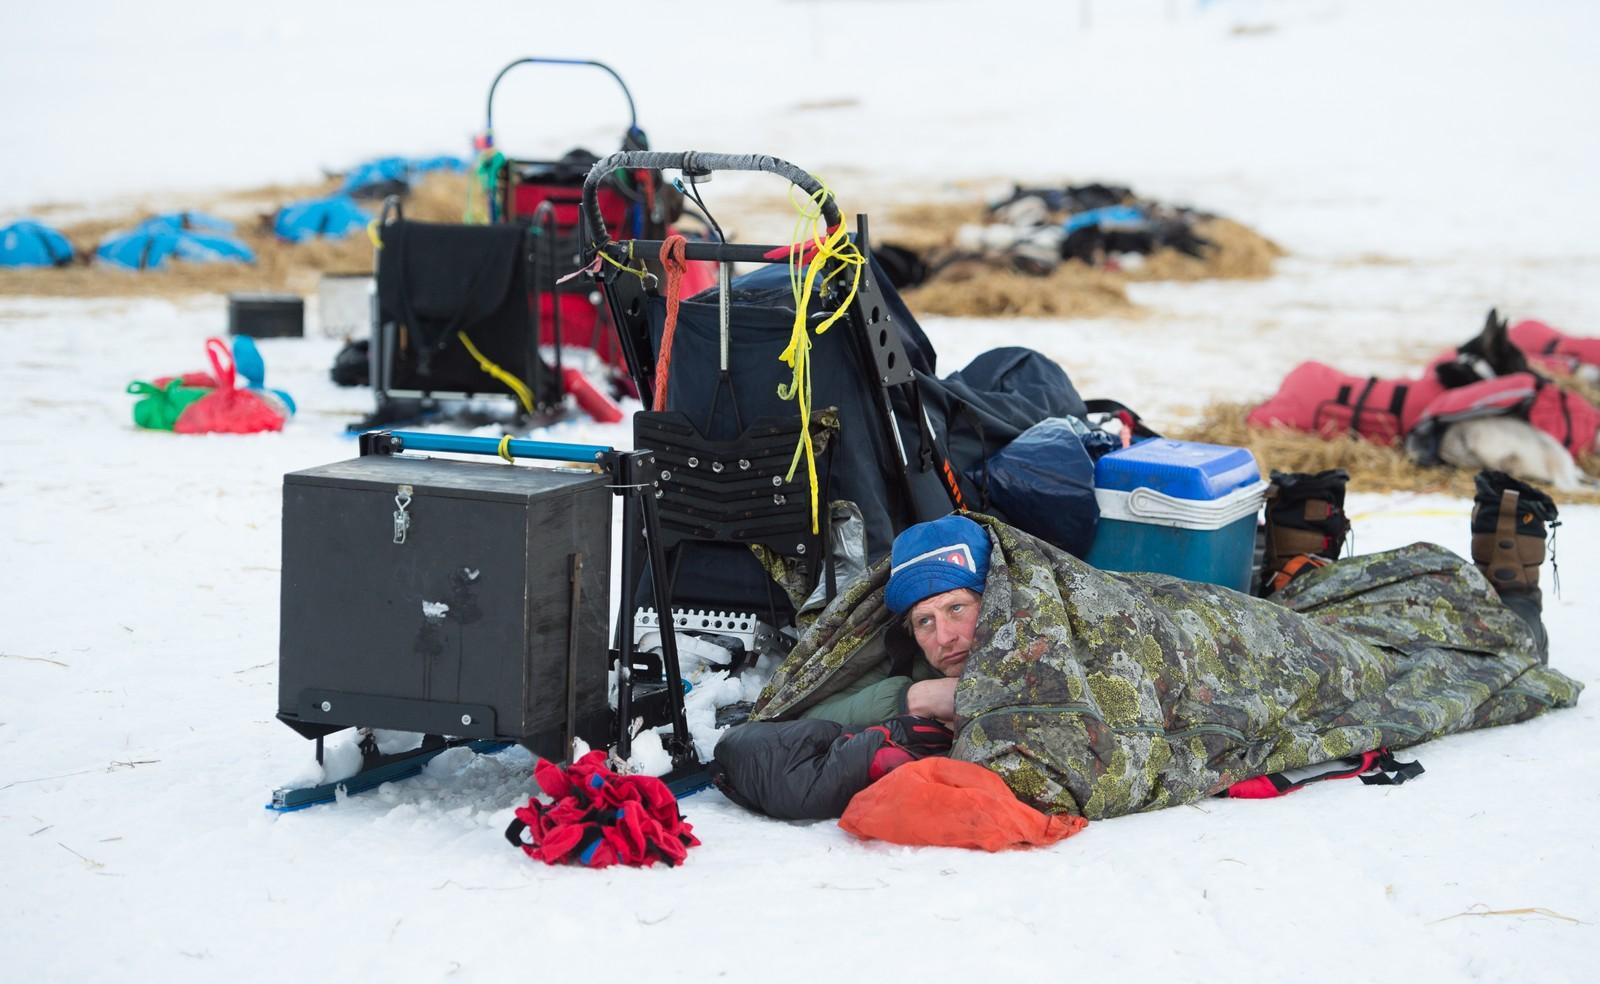 - Jeg liker ikke å ligge inne i trange rom, sa Sven-Erik Gullbekk da NRK spurte hvorfor han bare la seg i fjellduken og ikke på campinghytte i Øvre Pasvik.